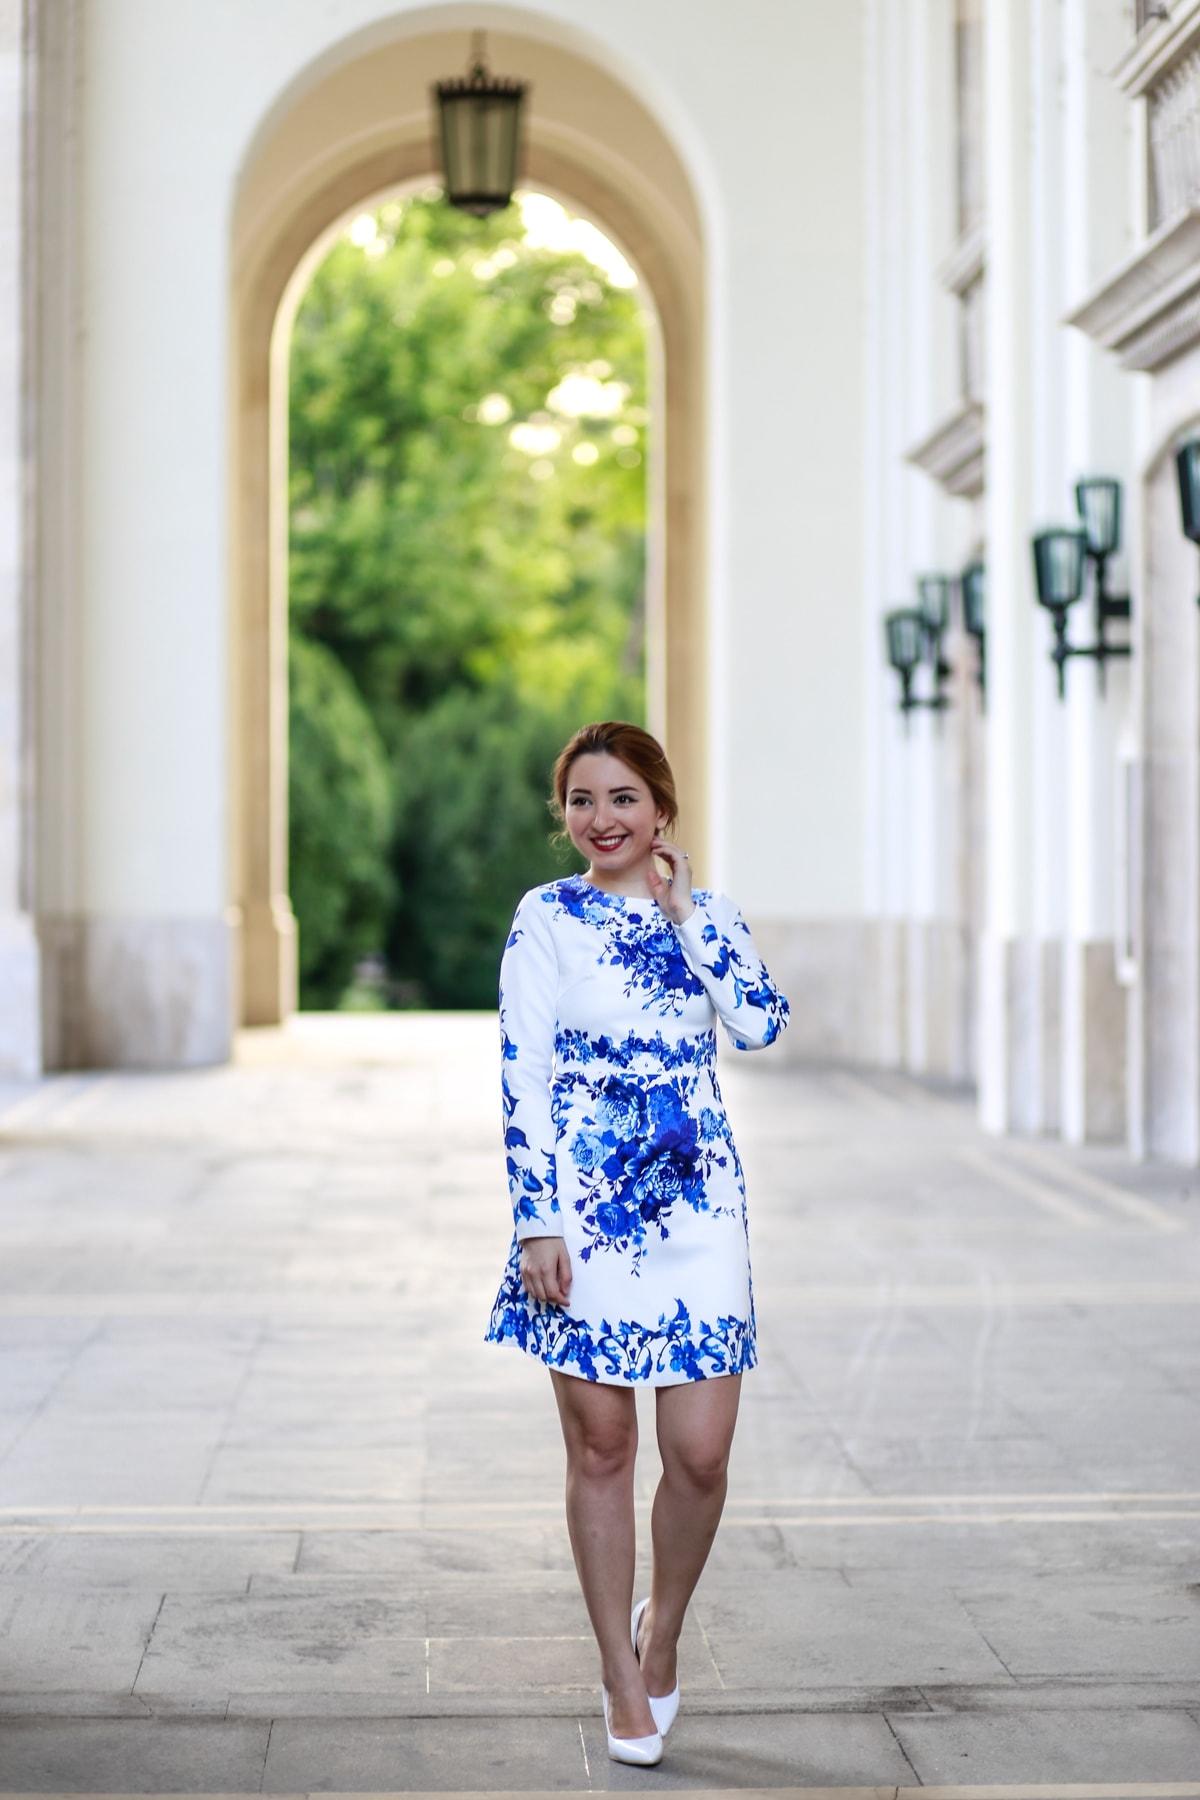 Andreea Ristea - rochie cu imprimeu de vacanta, imprimeu floral alb albastru - Santorini